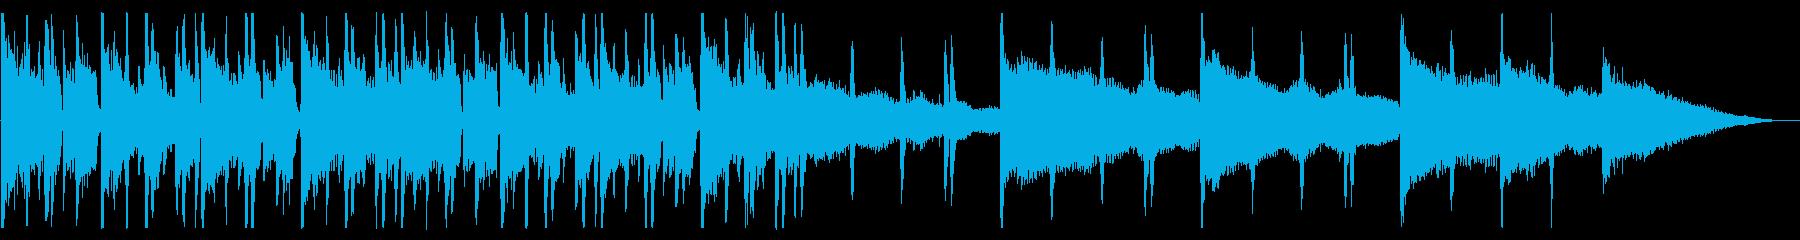 優しい雰囲気のR&B_5の再生済みの波形